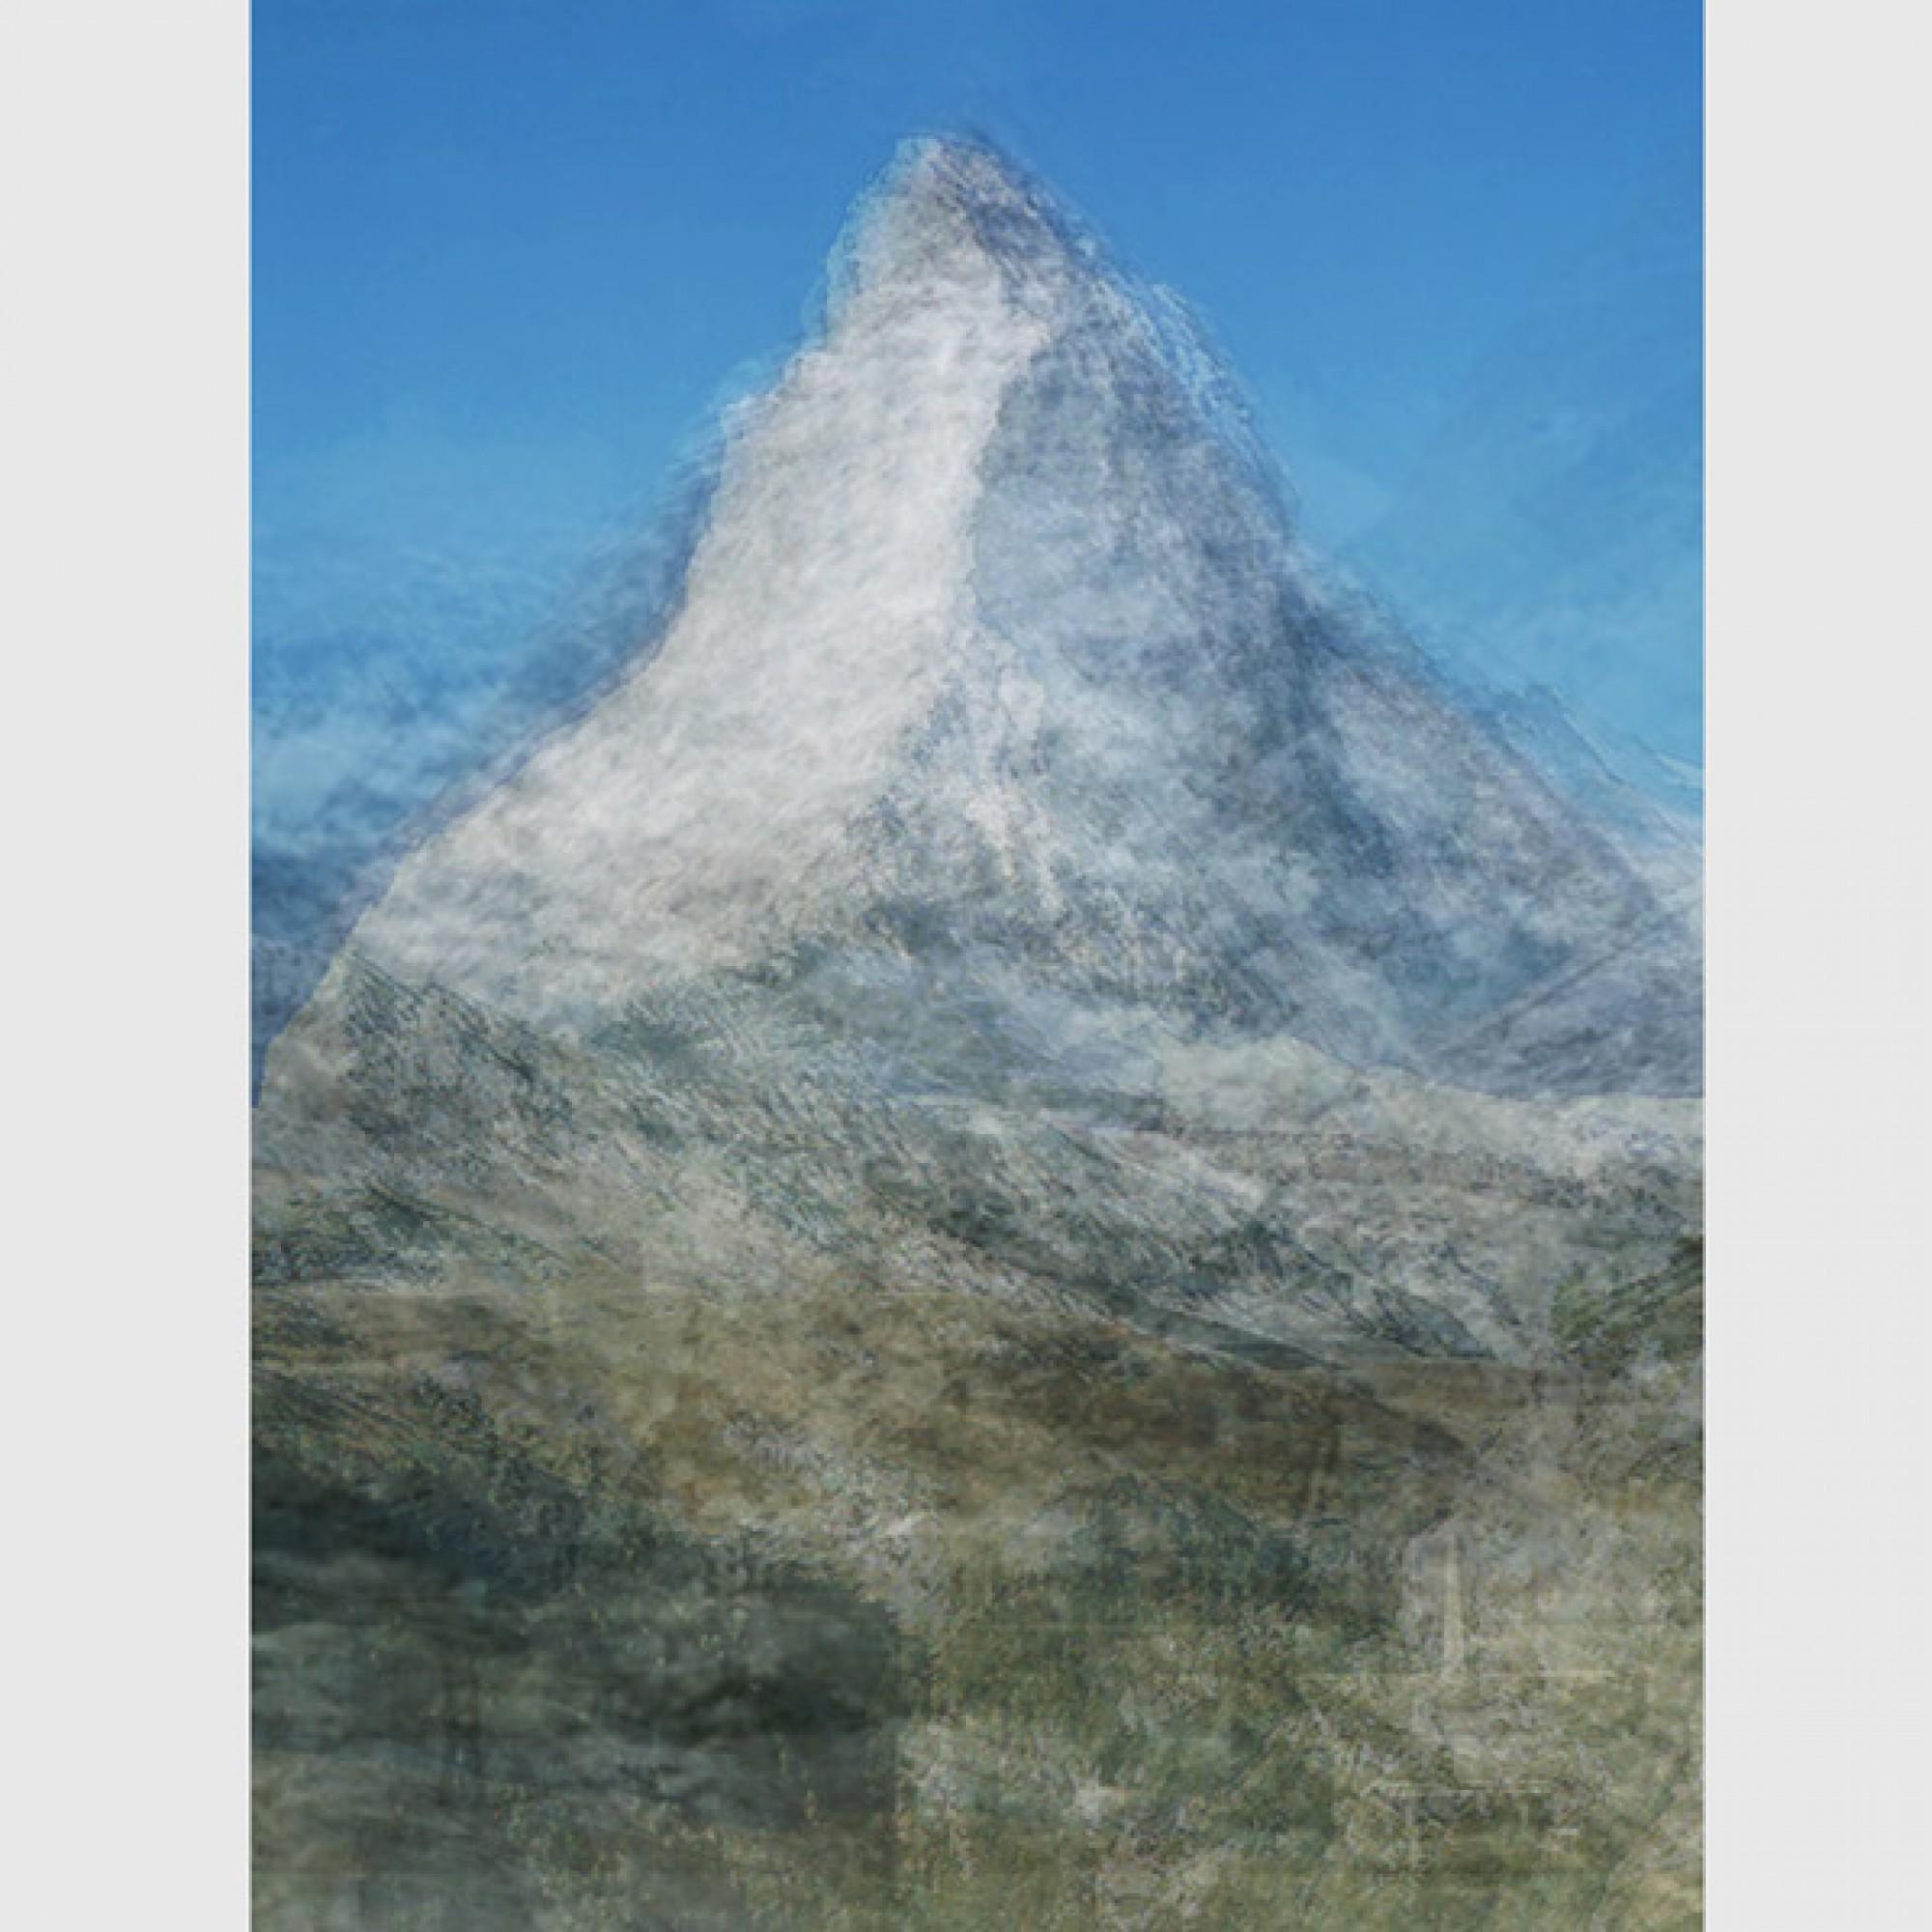 Corinne Vionnet,  Matterhorn , aus der Serie  Photo Opportunities , 2006 . (Corinne Vionnet, Sammlung des Musée de l'Elysée)